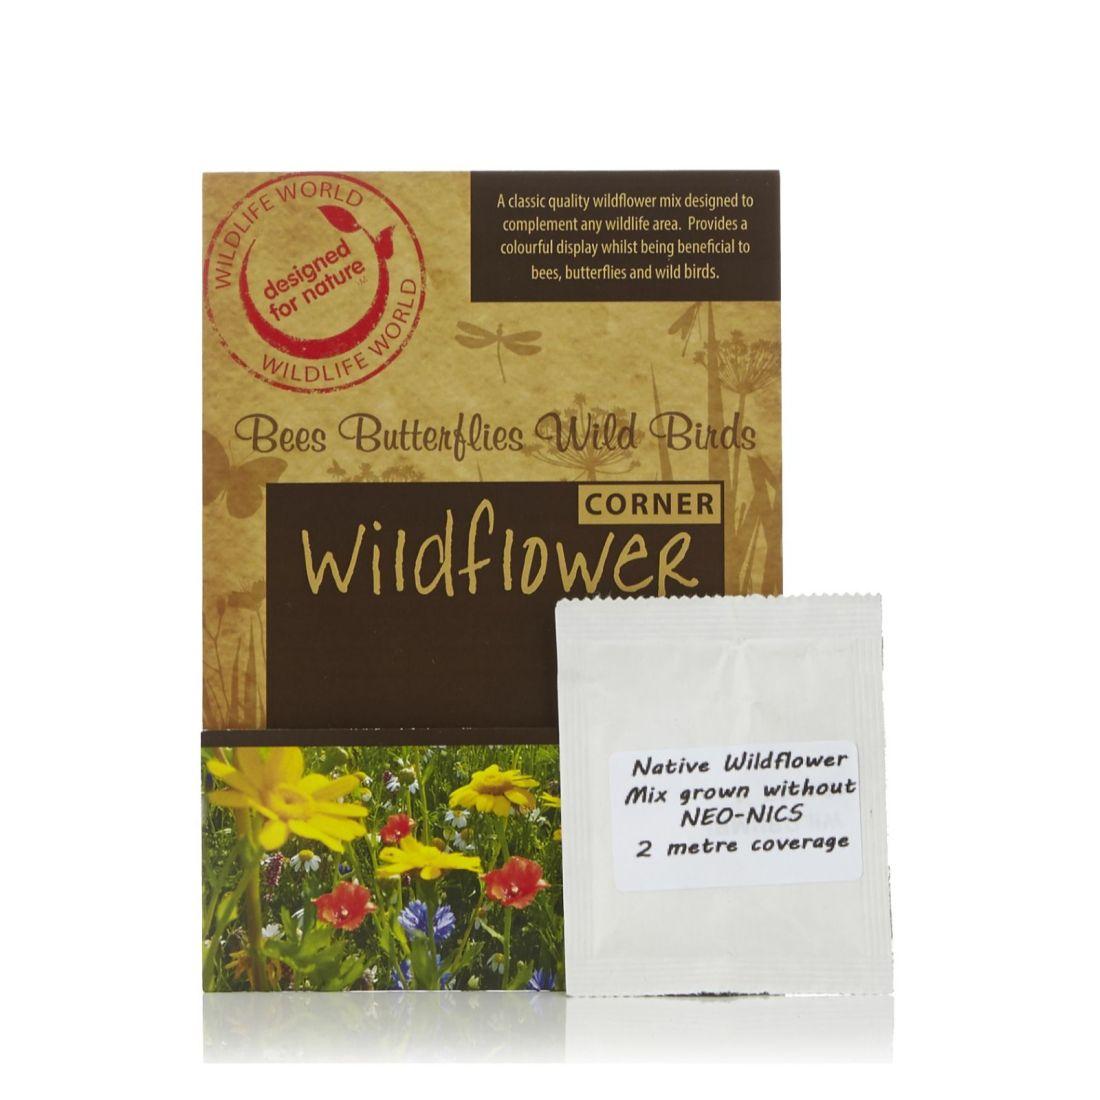 Wildflower seeds